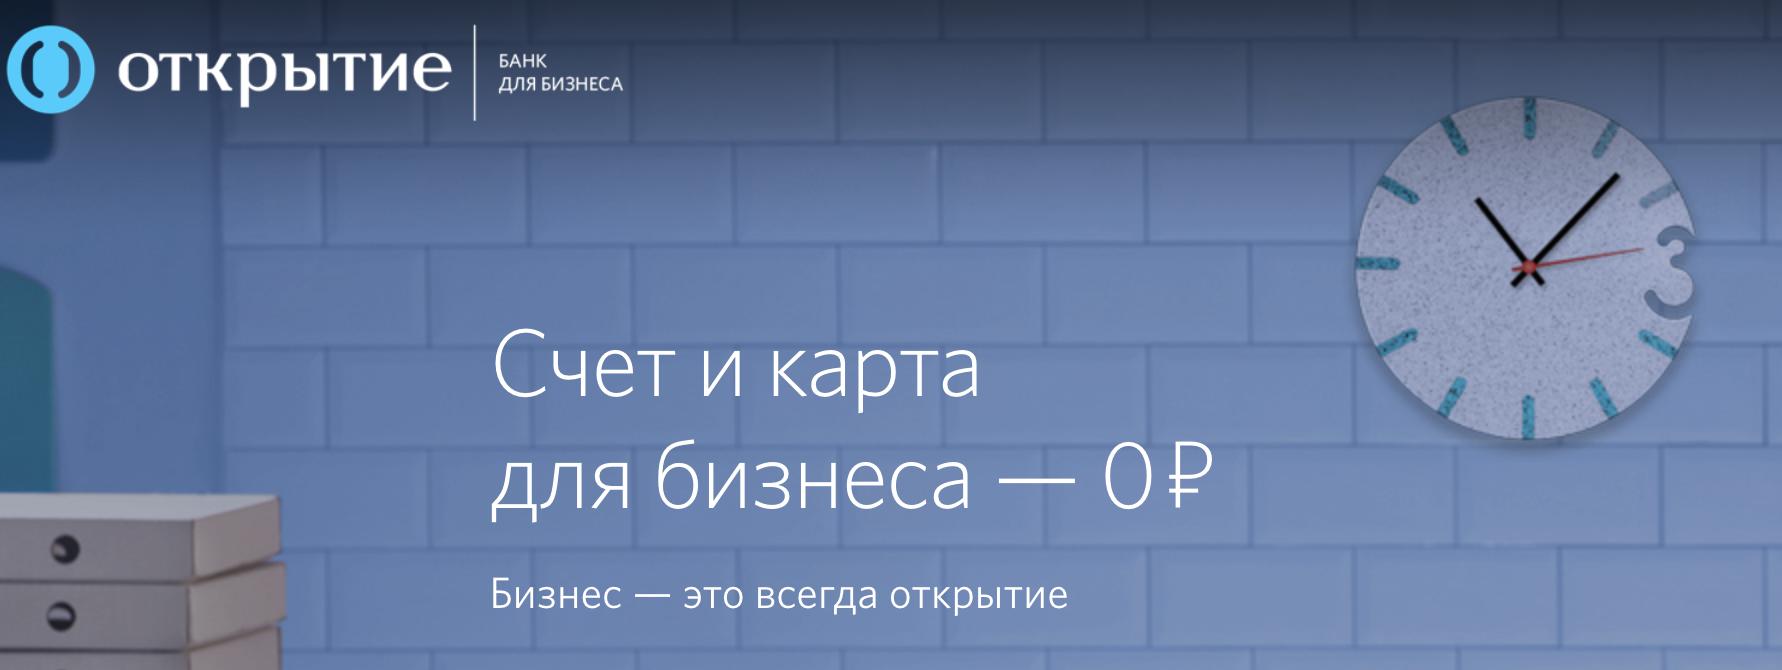 РКО в банке Открытие